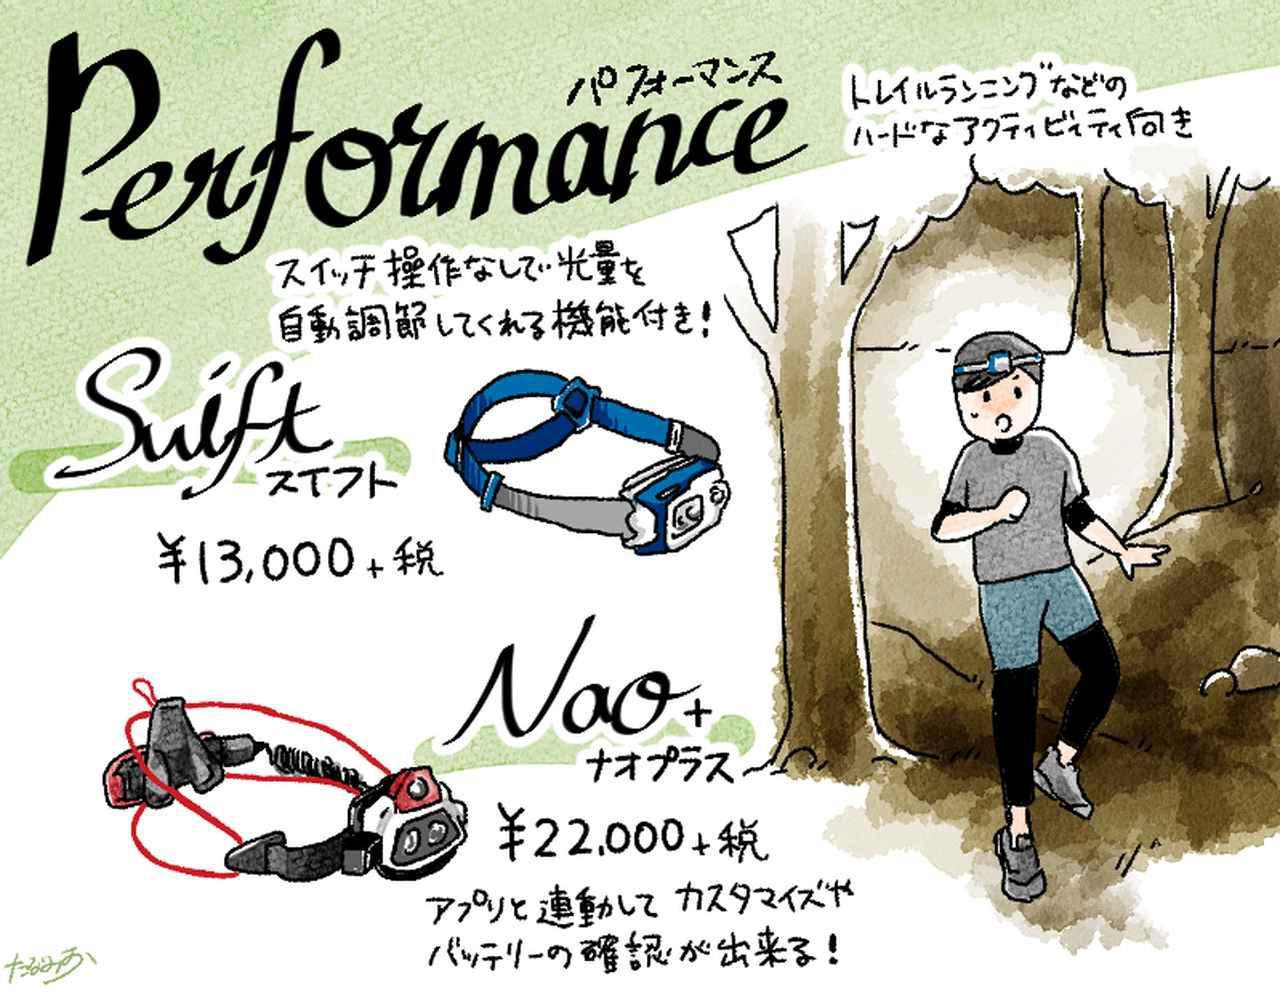 画像: 【ペツルのヘッドライト③】「Performance」ダイナミックなスポーツにピッタリな高出力